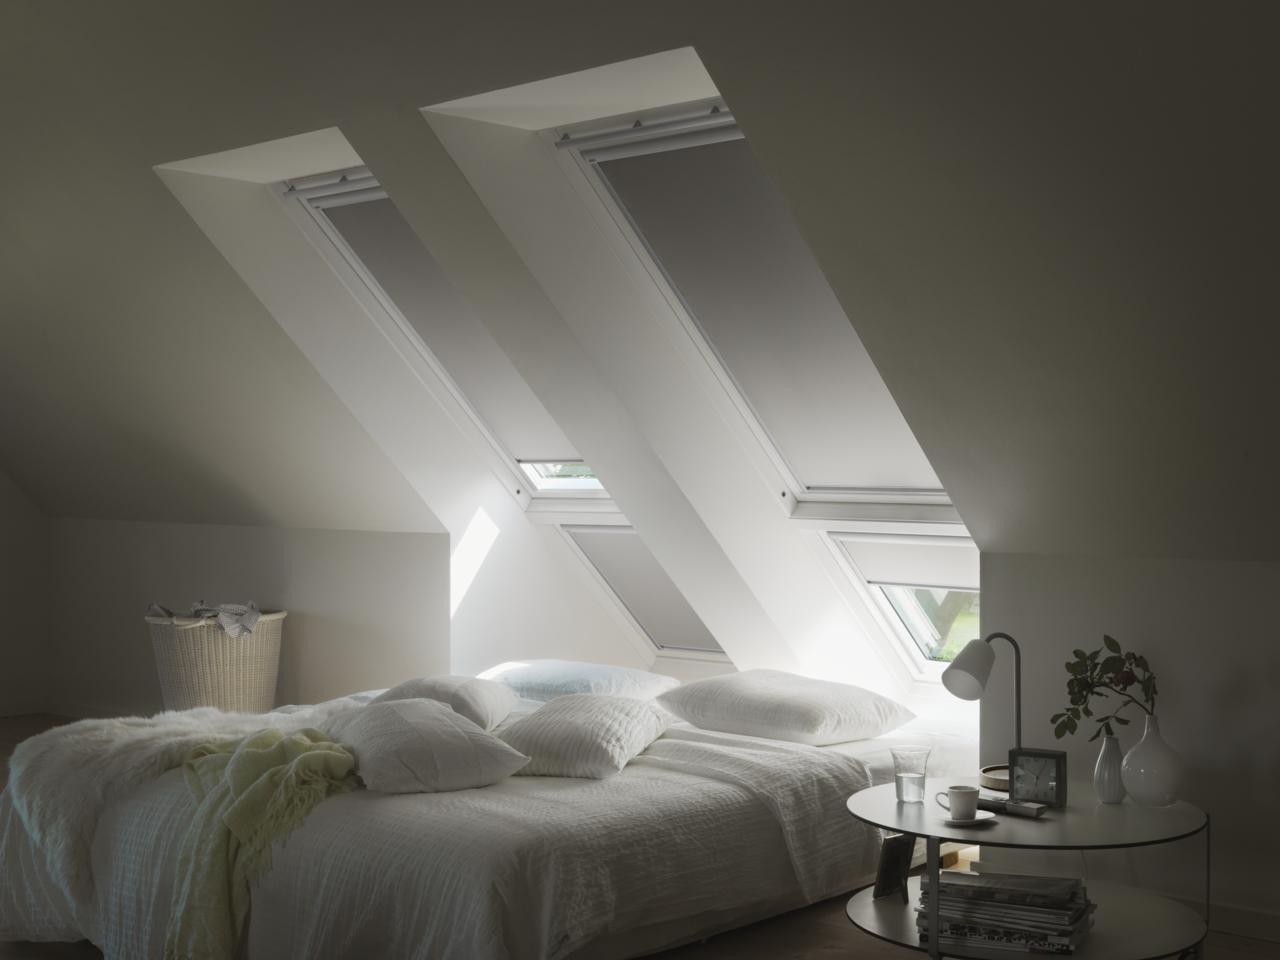 Tende per finestre per tetti e mansarde come oscurare le - Adesivi oscuranti per finestre ...